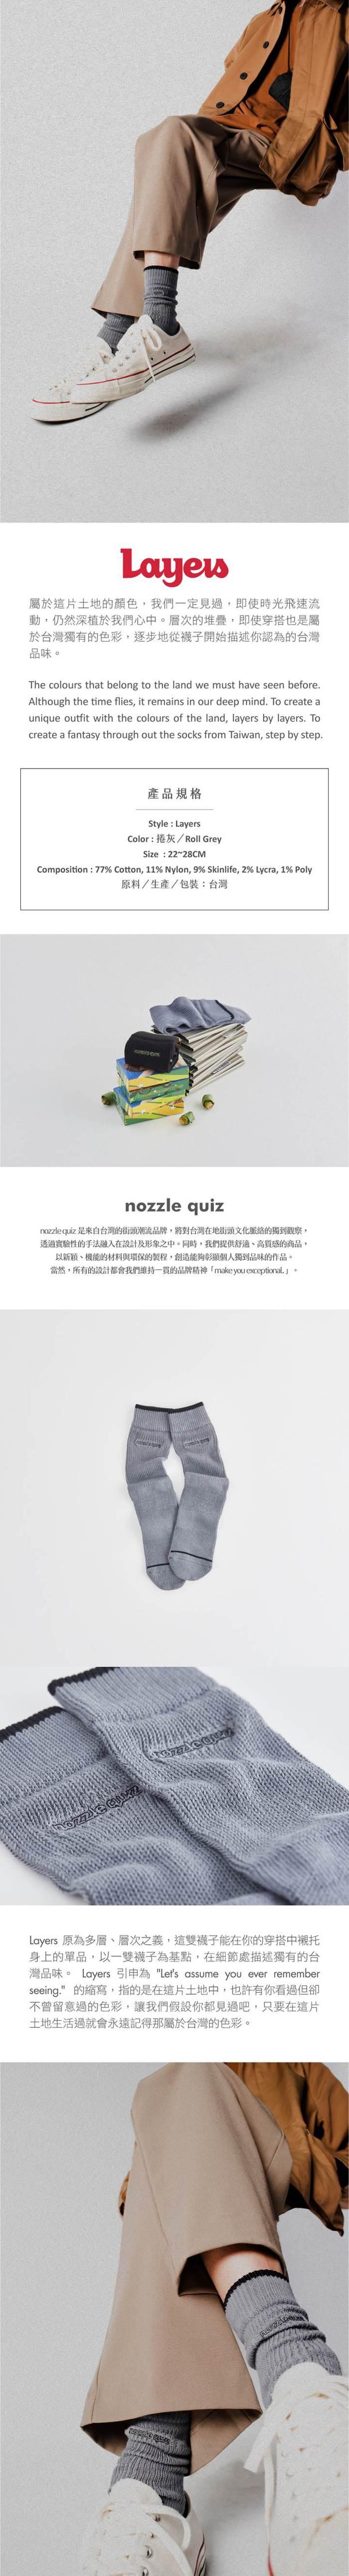 (複製)nozzle quiz - Layers 悠藍/街頭休閒襪履/襪子/中筒襪/男女長襪